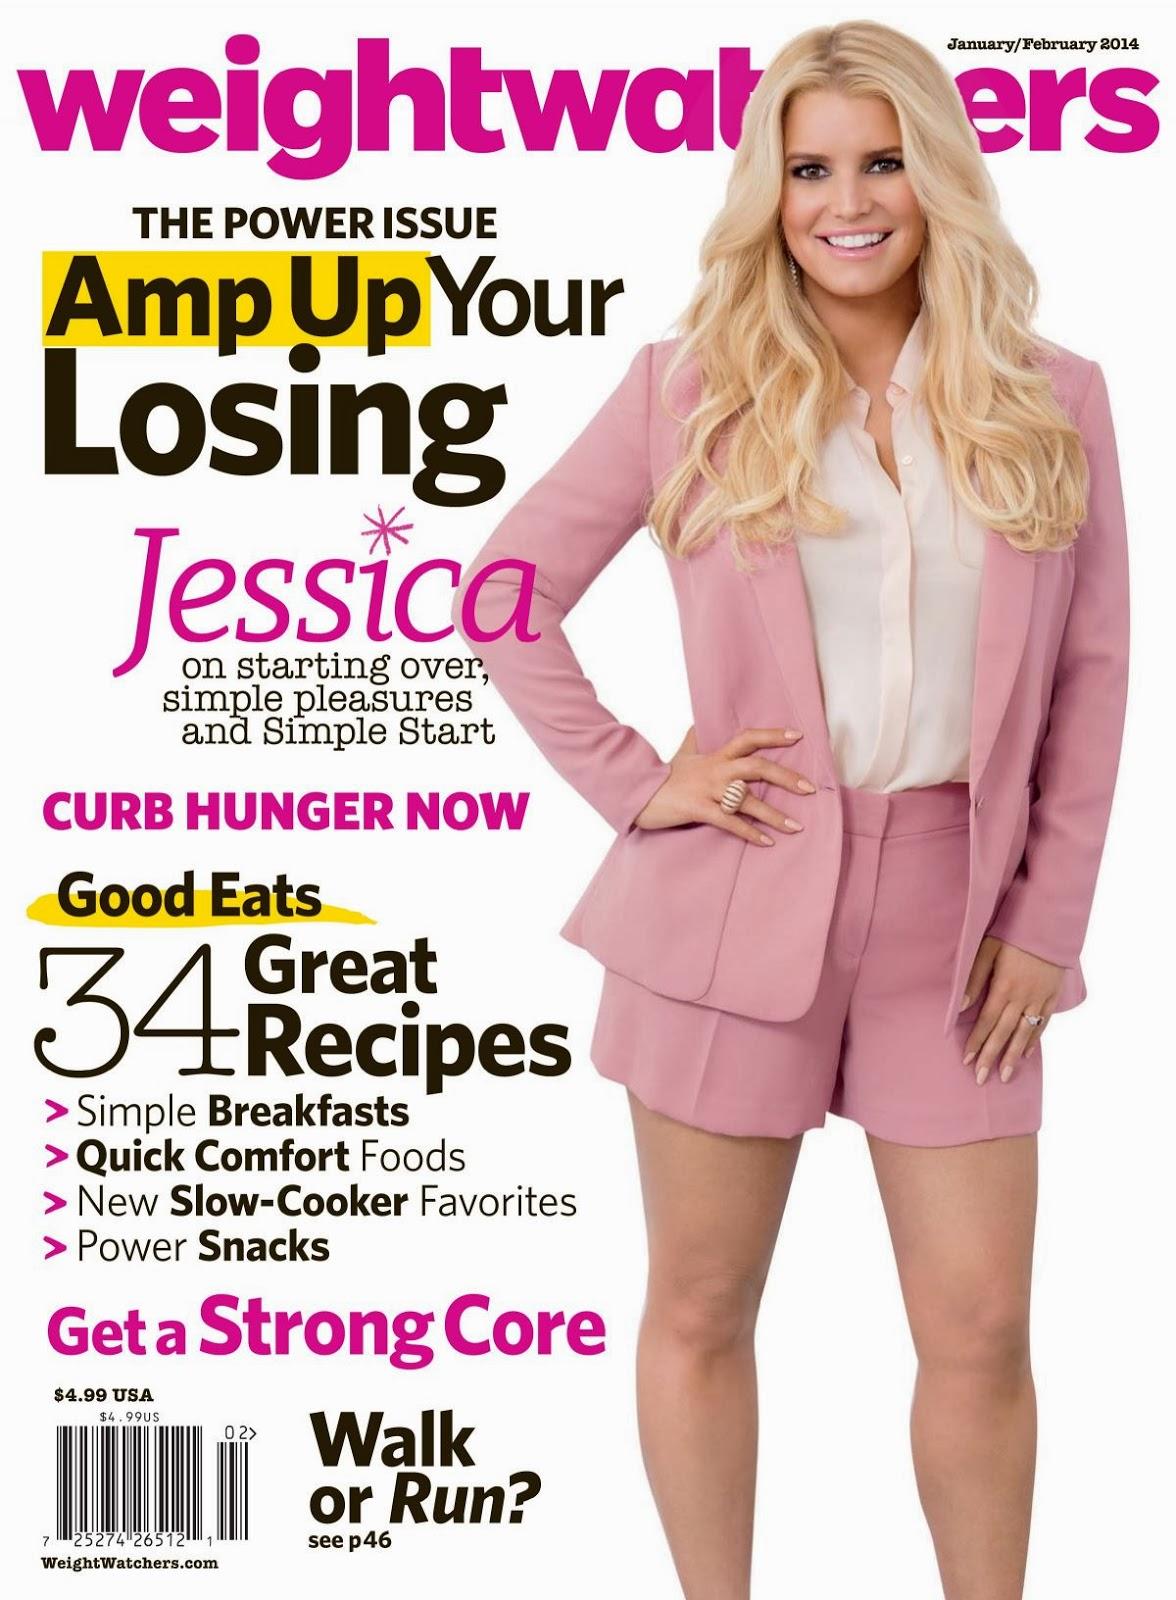 Magazine Photoshoot : Jessica Simpson Photoshot For WeightWatchers Magazine US January/February 2014 Issue